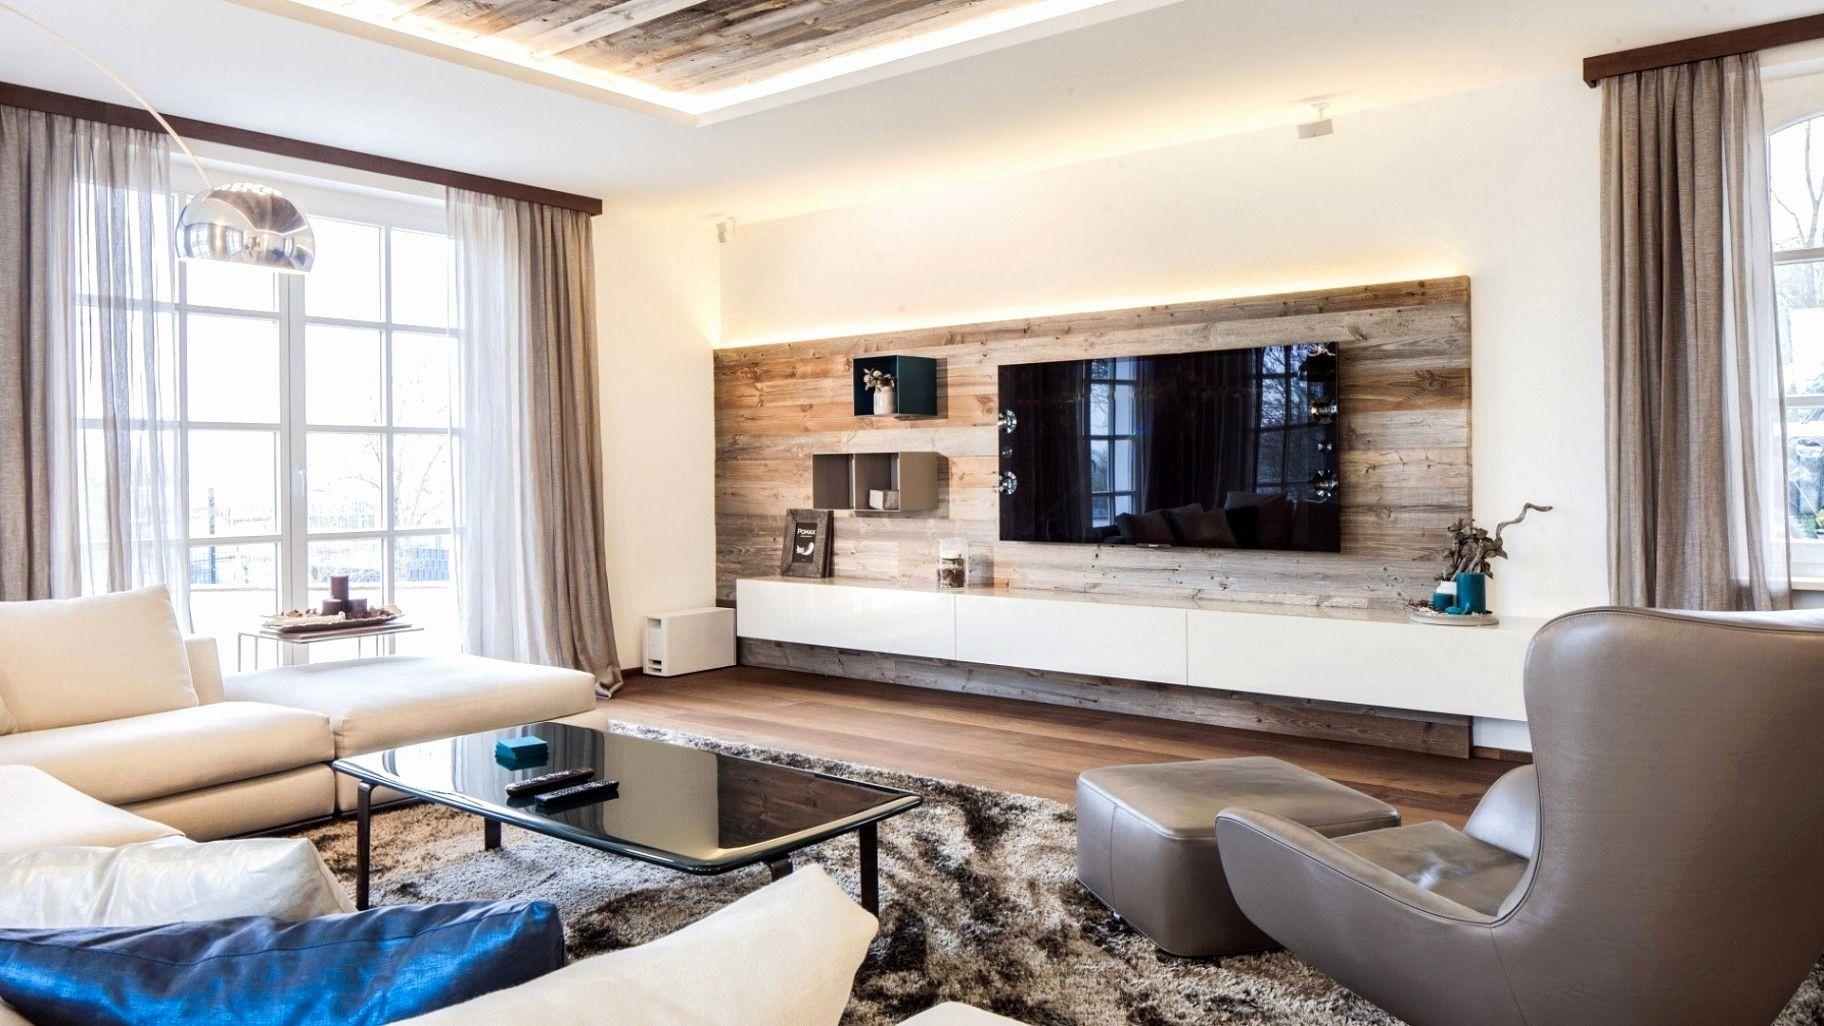 Wohnzimmer Modern Gestalten Konzept Die Beste Idee In Diesem Jahr Living Room Designs Modern Couches Living Room Modern Living Room